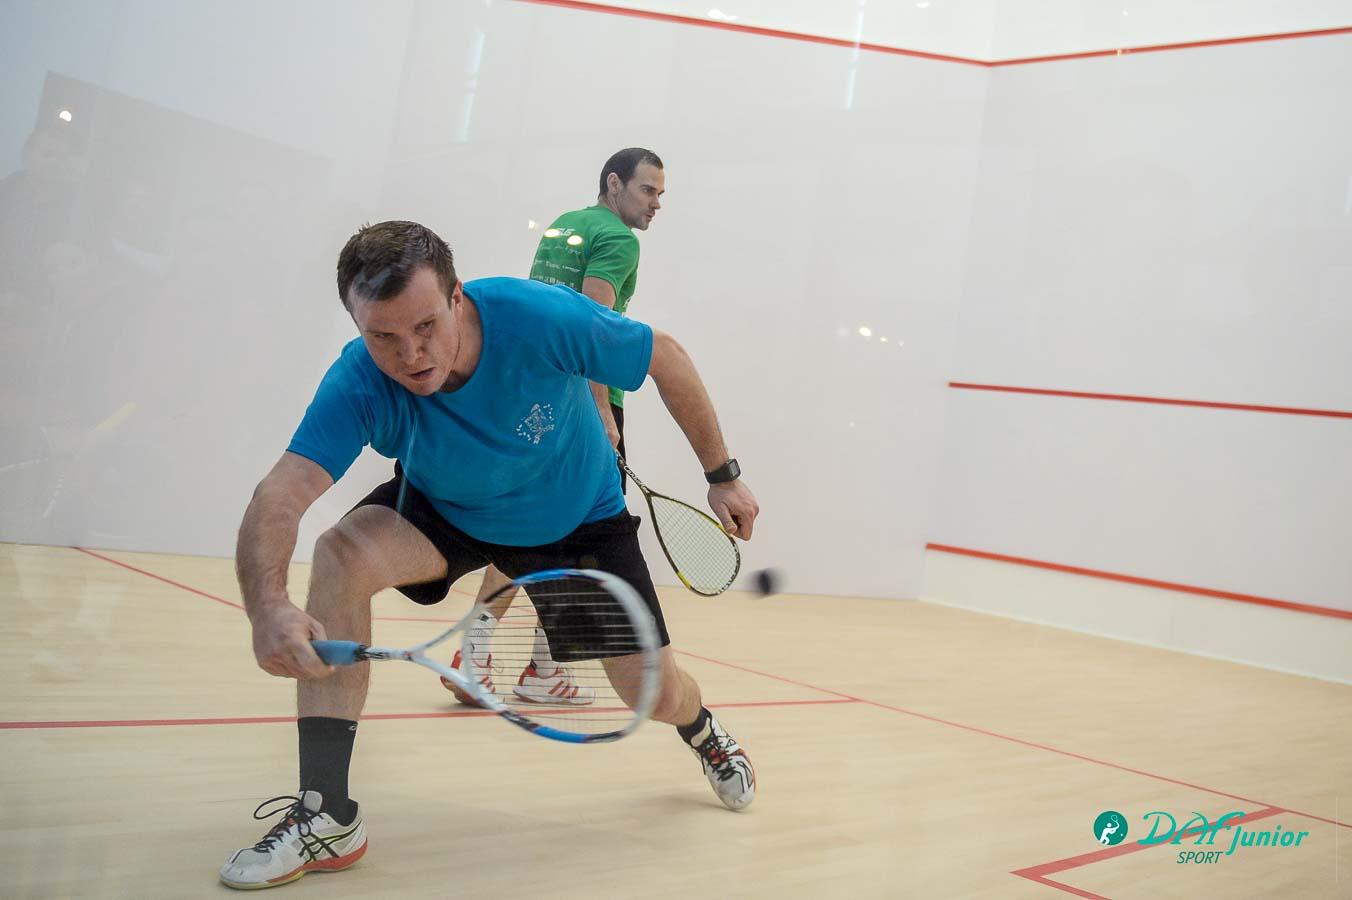 daf-sport-gallery-19